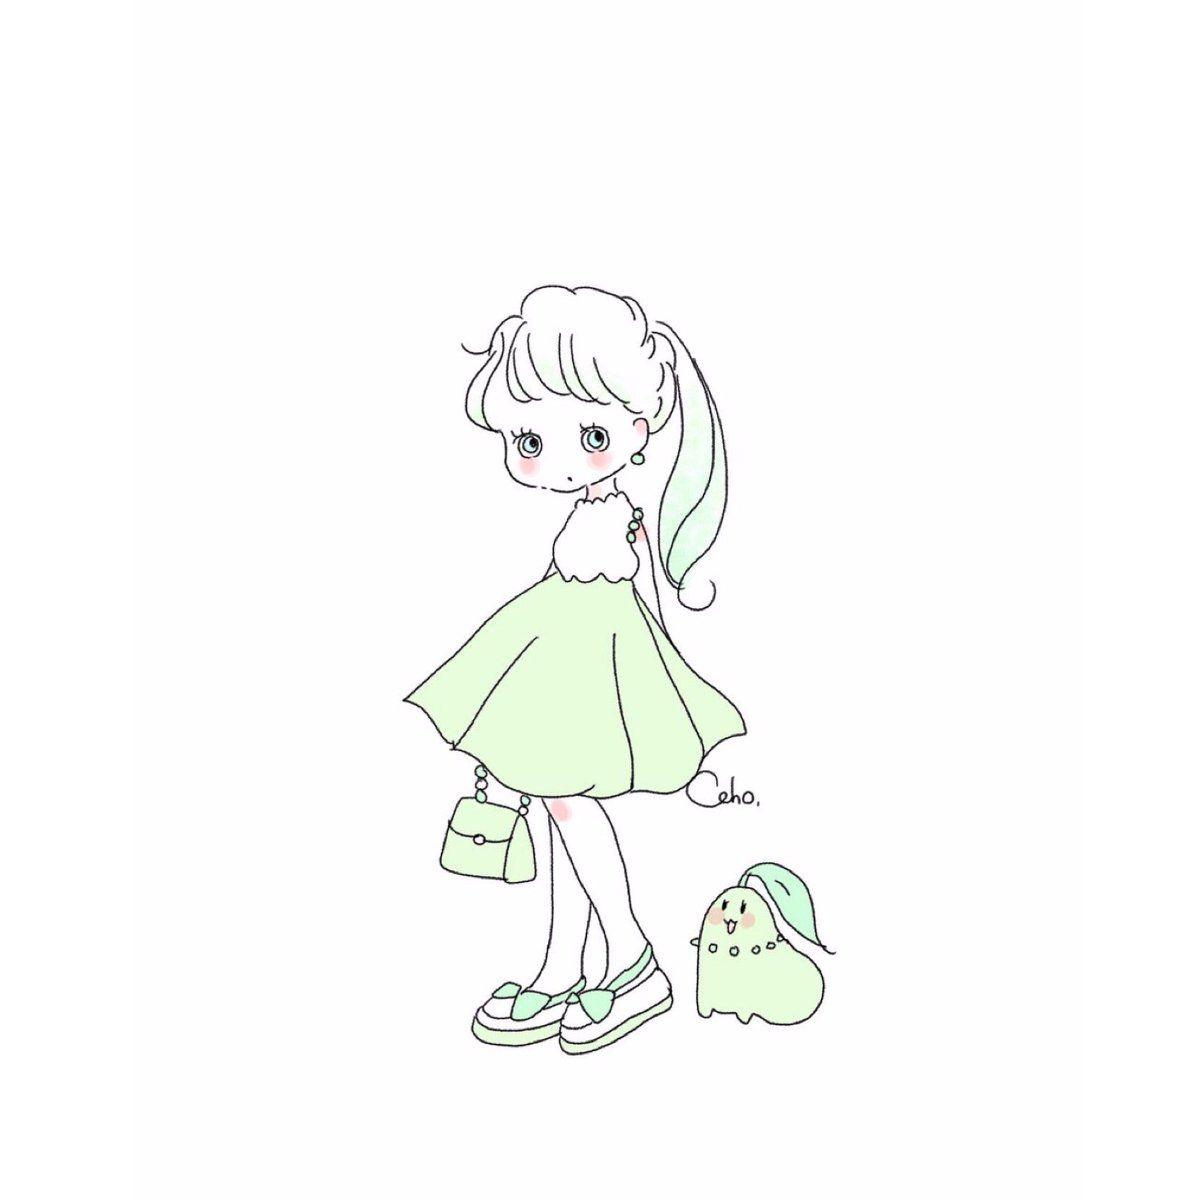 Illustrations おしゃれまとめの人気アイデア Pinterest Setsuna Yotogi かわいい イラスト 手書き かわいい イラスト アイコン Caho イラスト